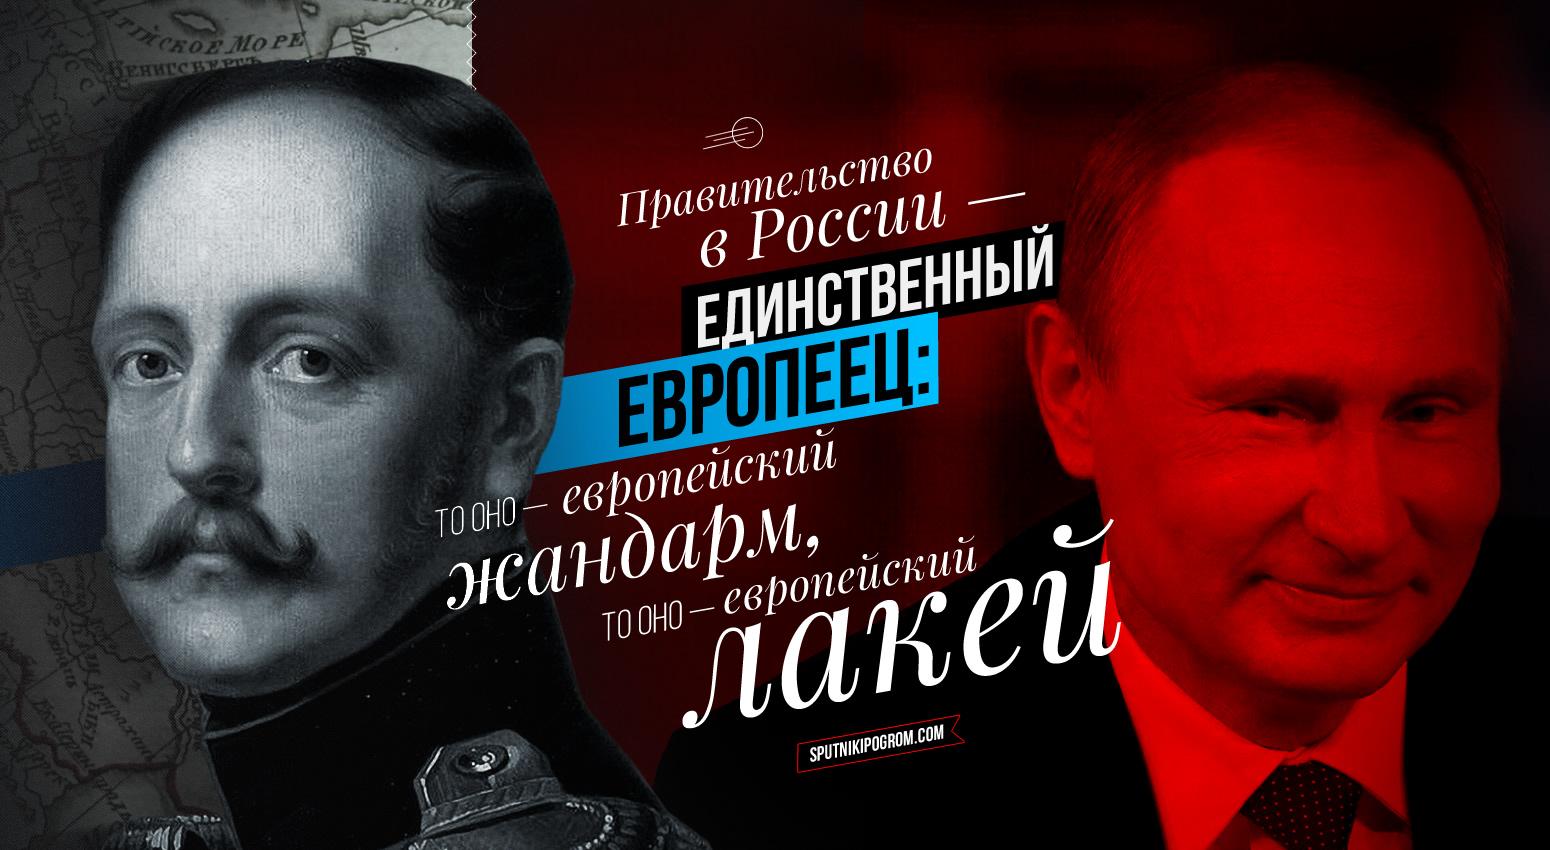 russianeuropean